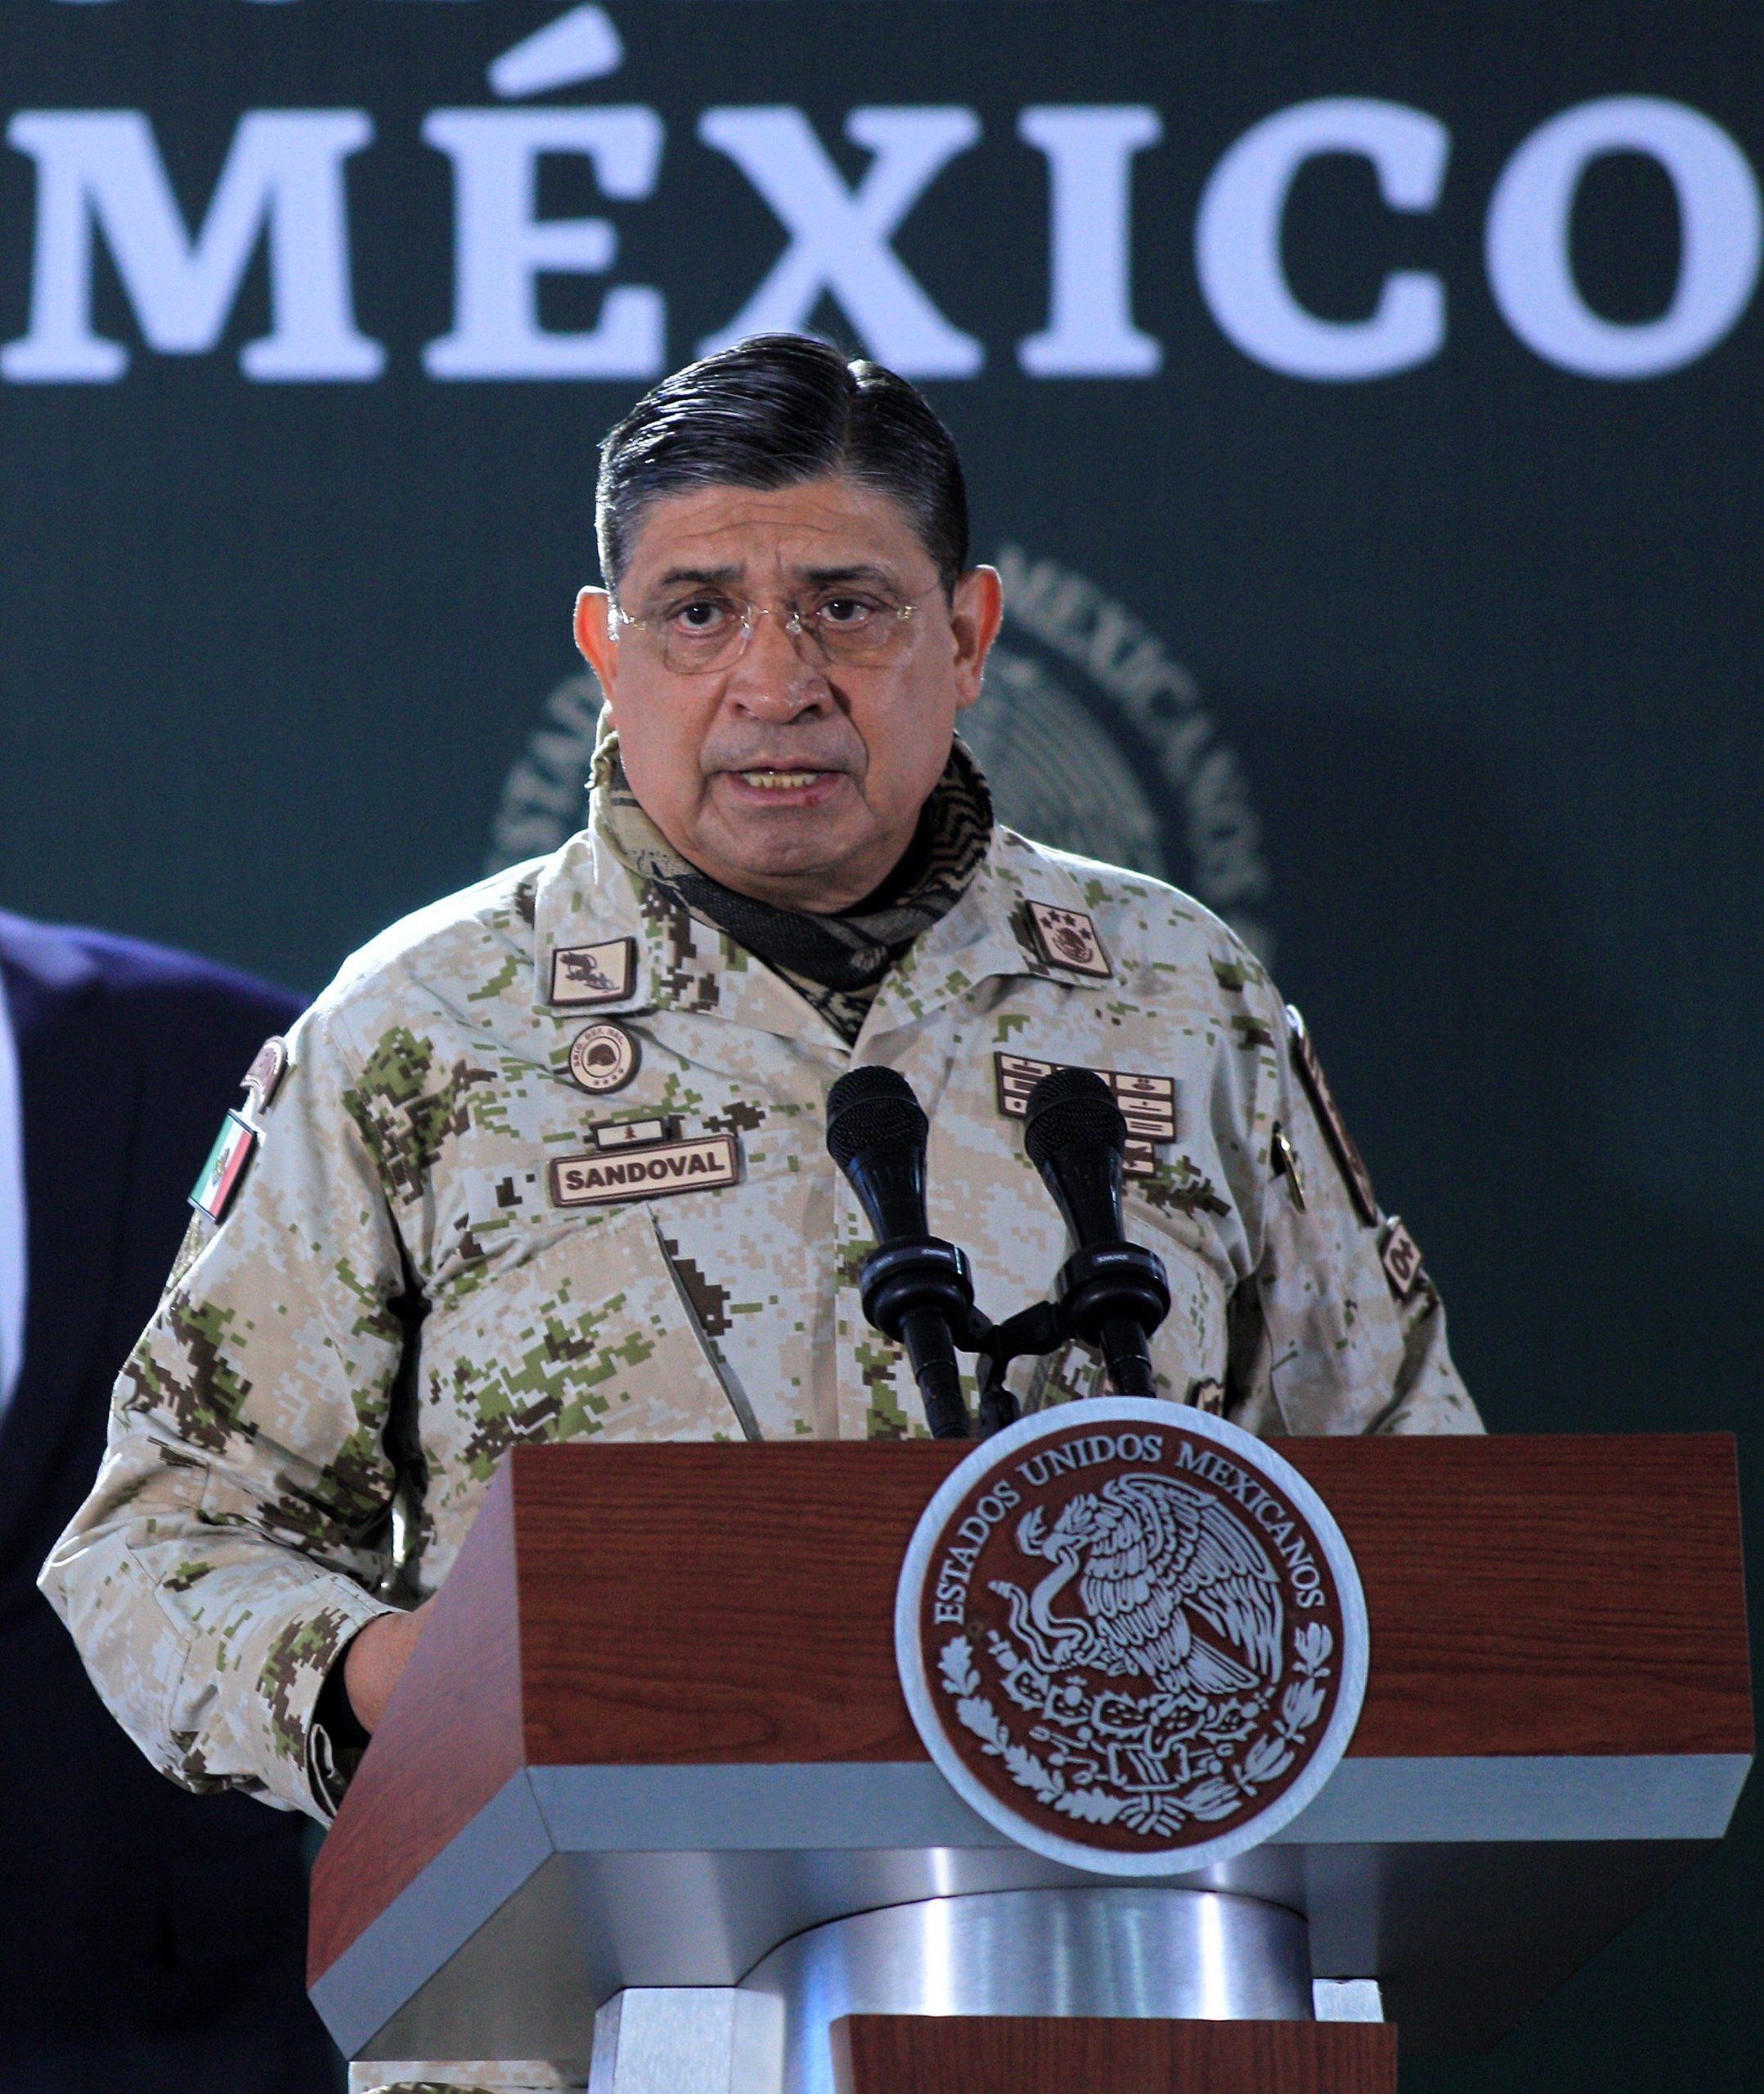 Fotografía de archivo fechada el 10 de enero de 2020, del ministro mexicano de Defensa, Luis Cresencio Sandoval, durante un acto protocolario en Ciudad Juárez, Chihuahua. Foto de EFE/  Luis Torres/ Archivo.